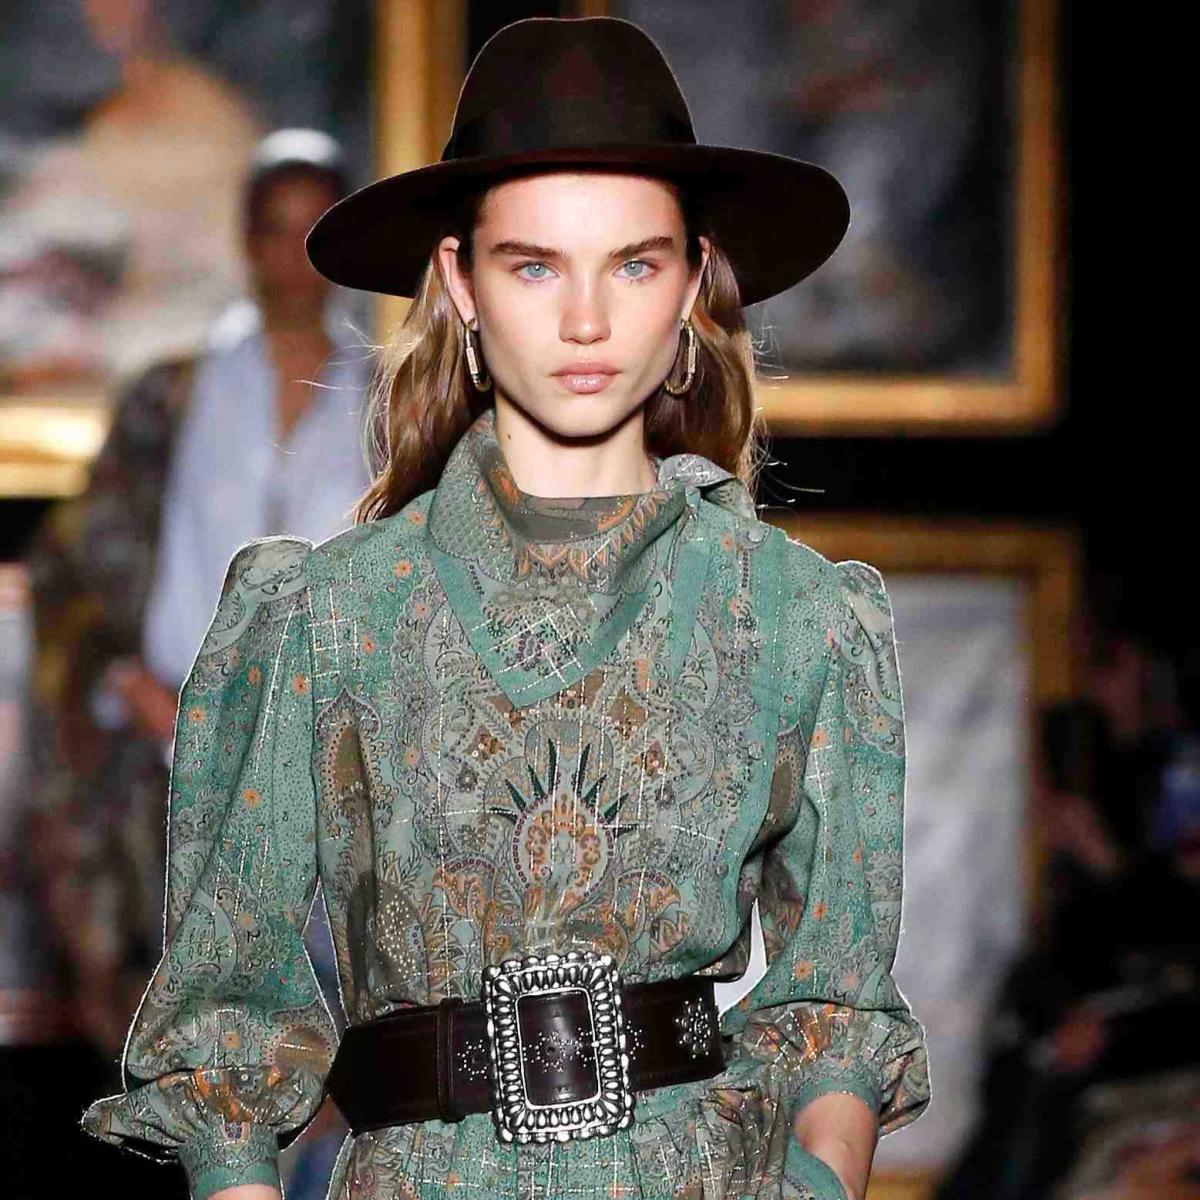 Fashion Trends-Descubre como lucir el estilo boho chic-Modelo con estilo bohemio